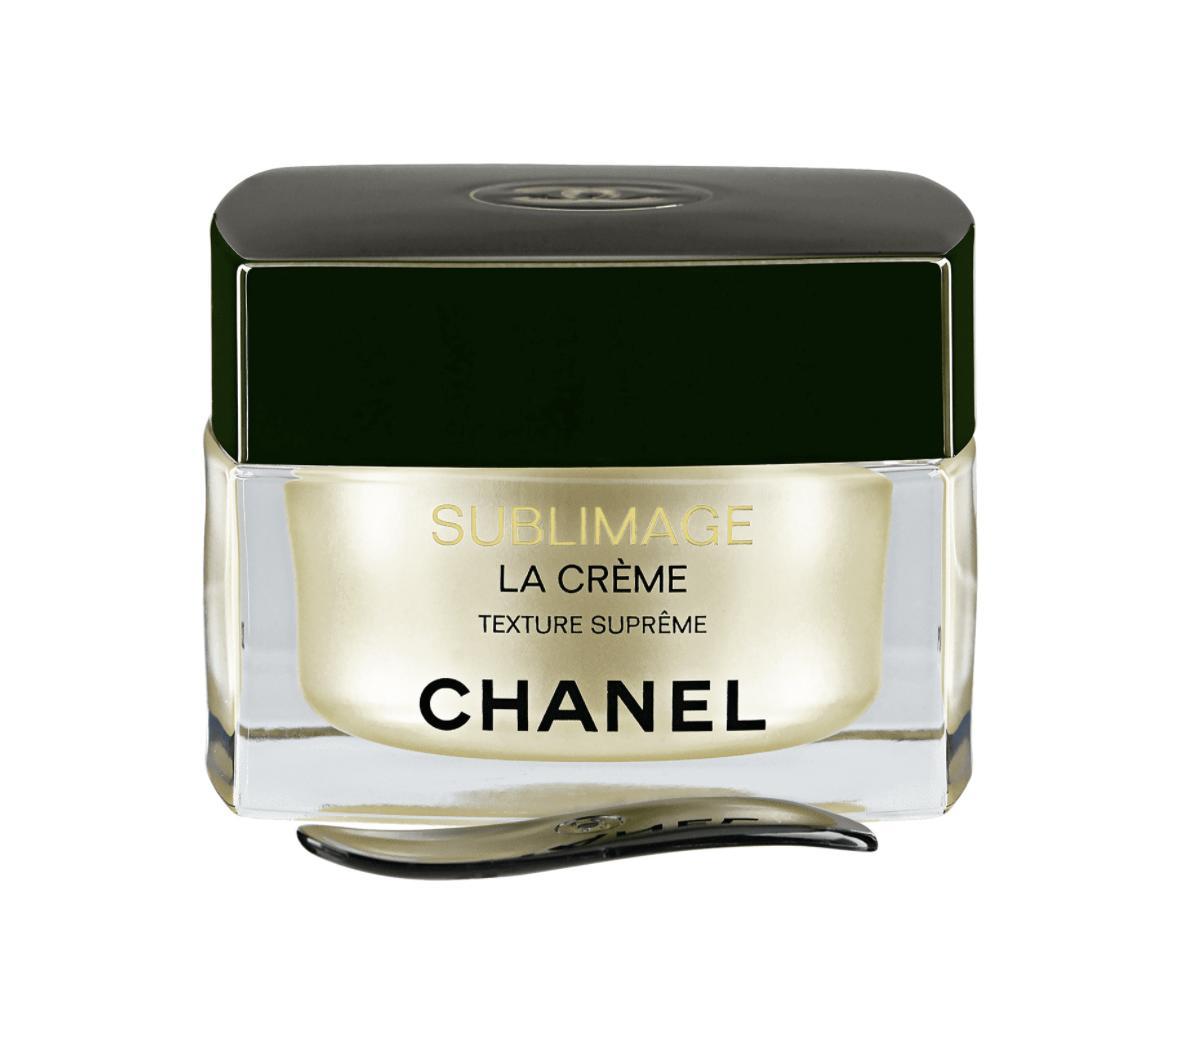 Chanel Sublimage La Creme Texture Supreme Mini